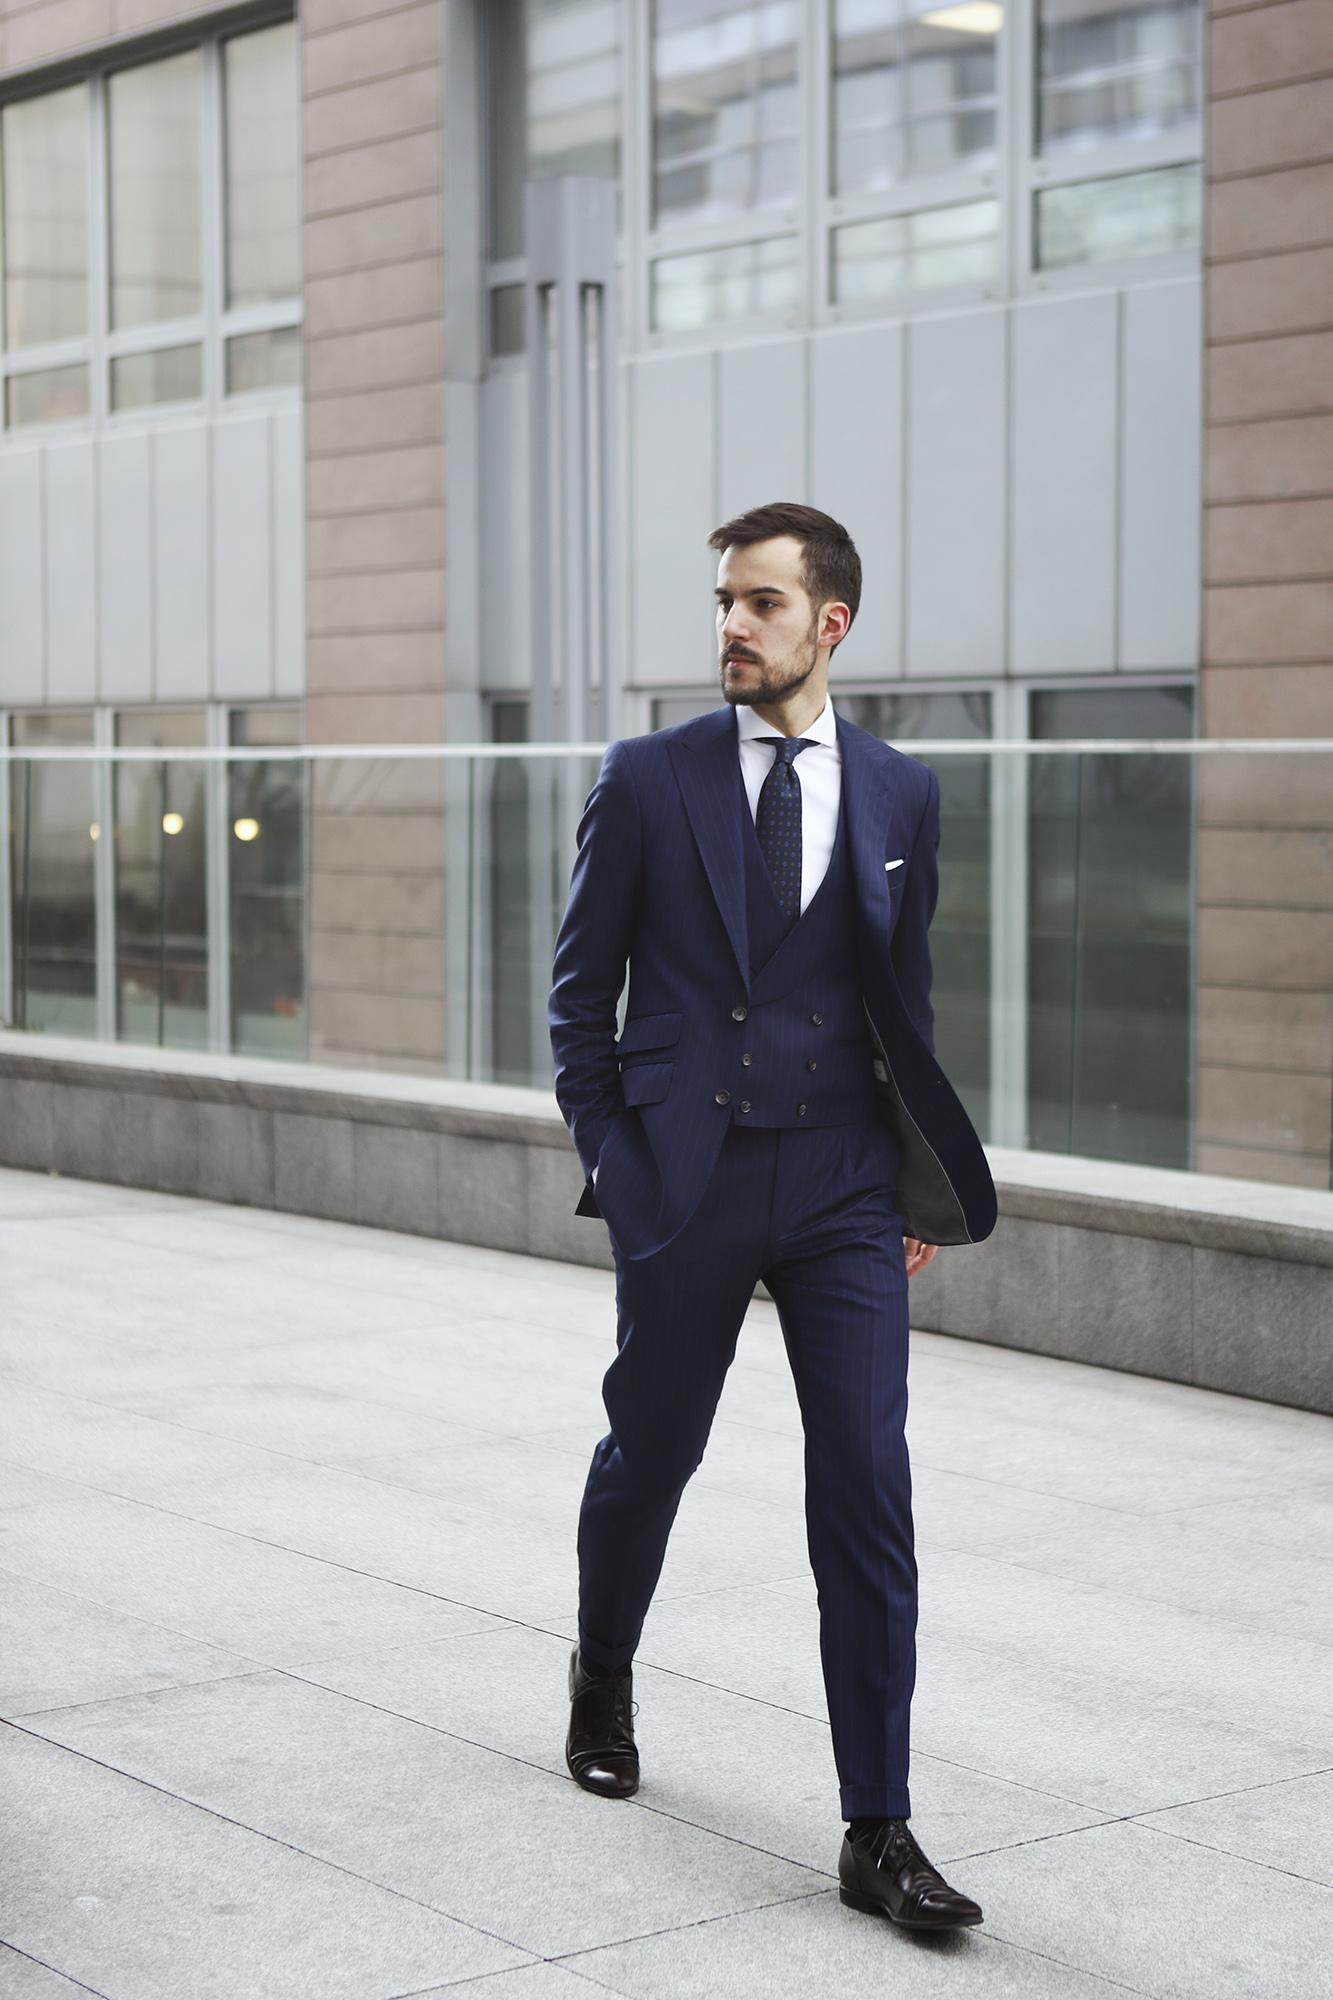 c128f43ff615a jak-zrobic-pierwsze-wrazenie-garnitury-biznesowe-powersuit8